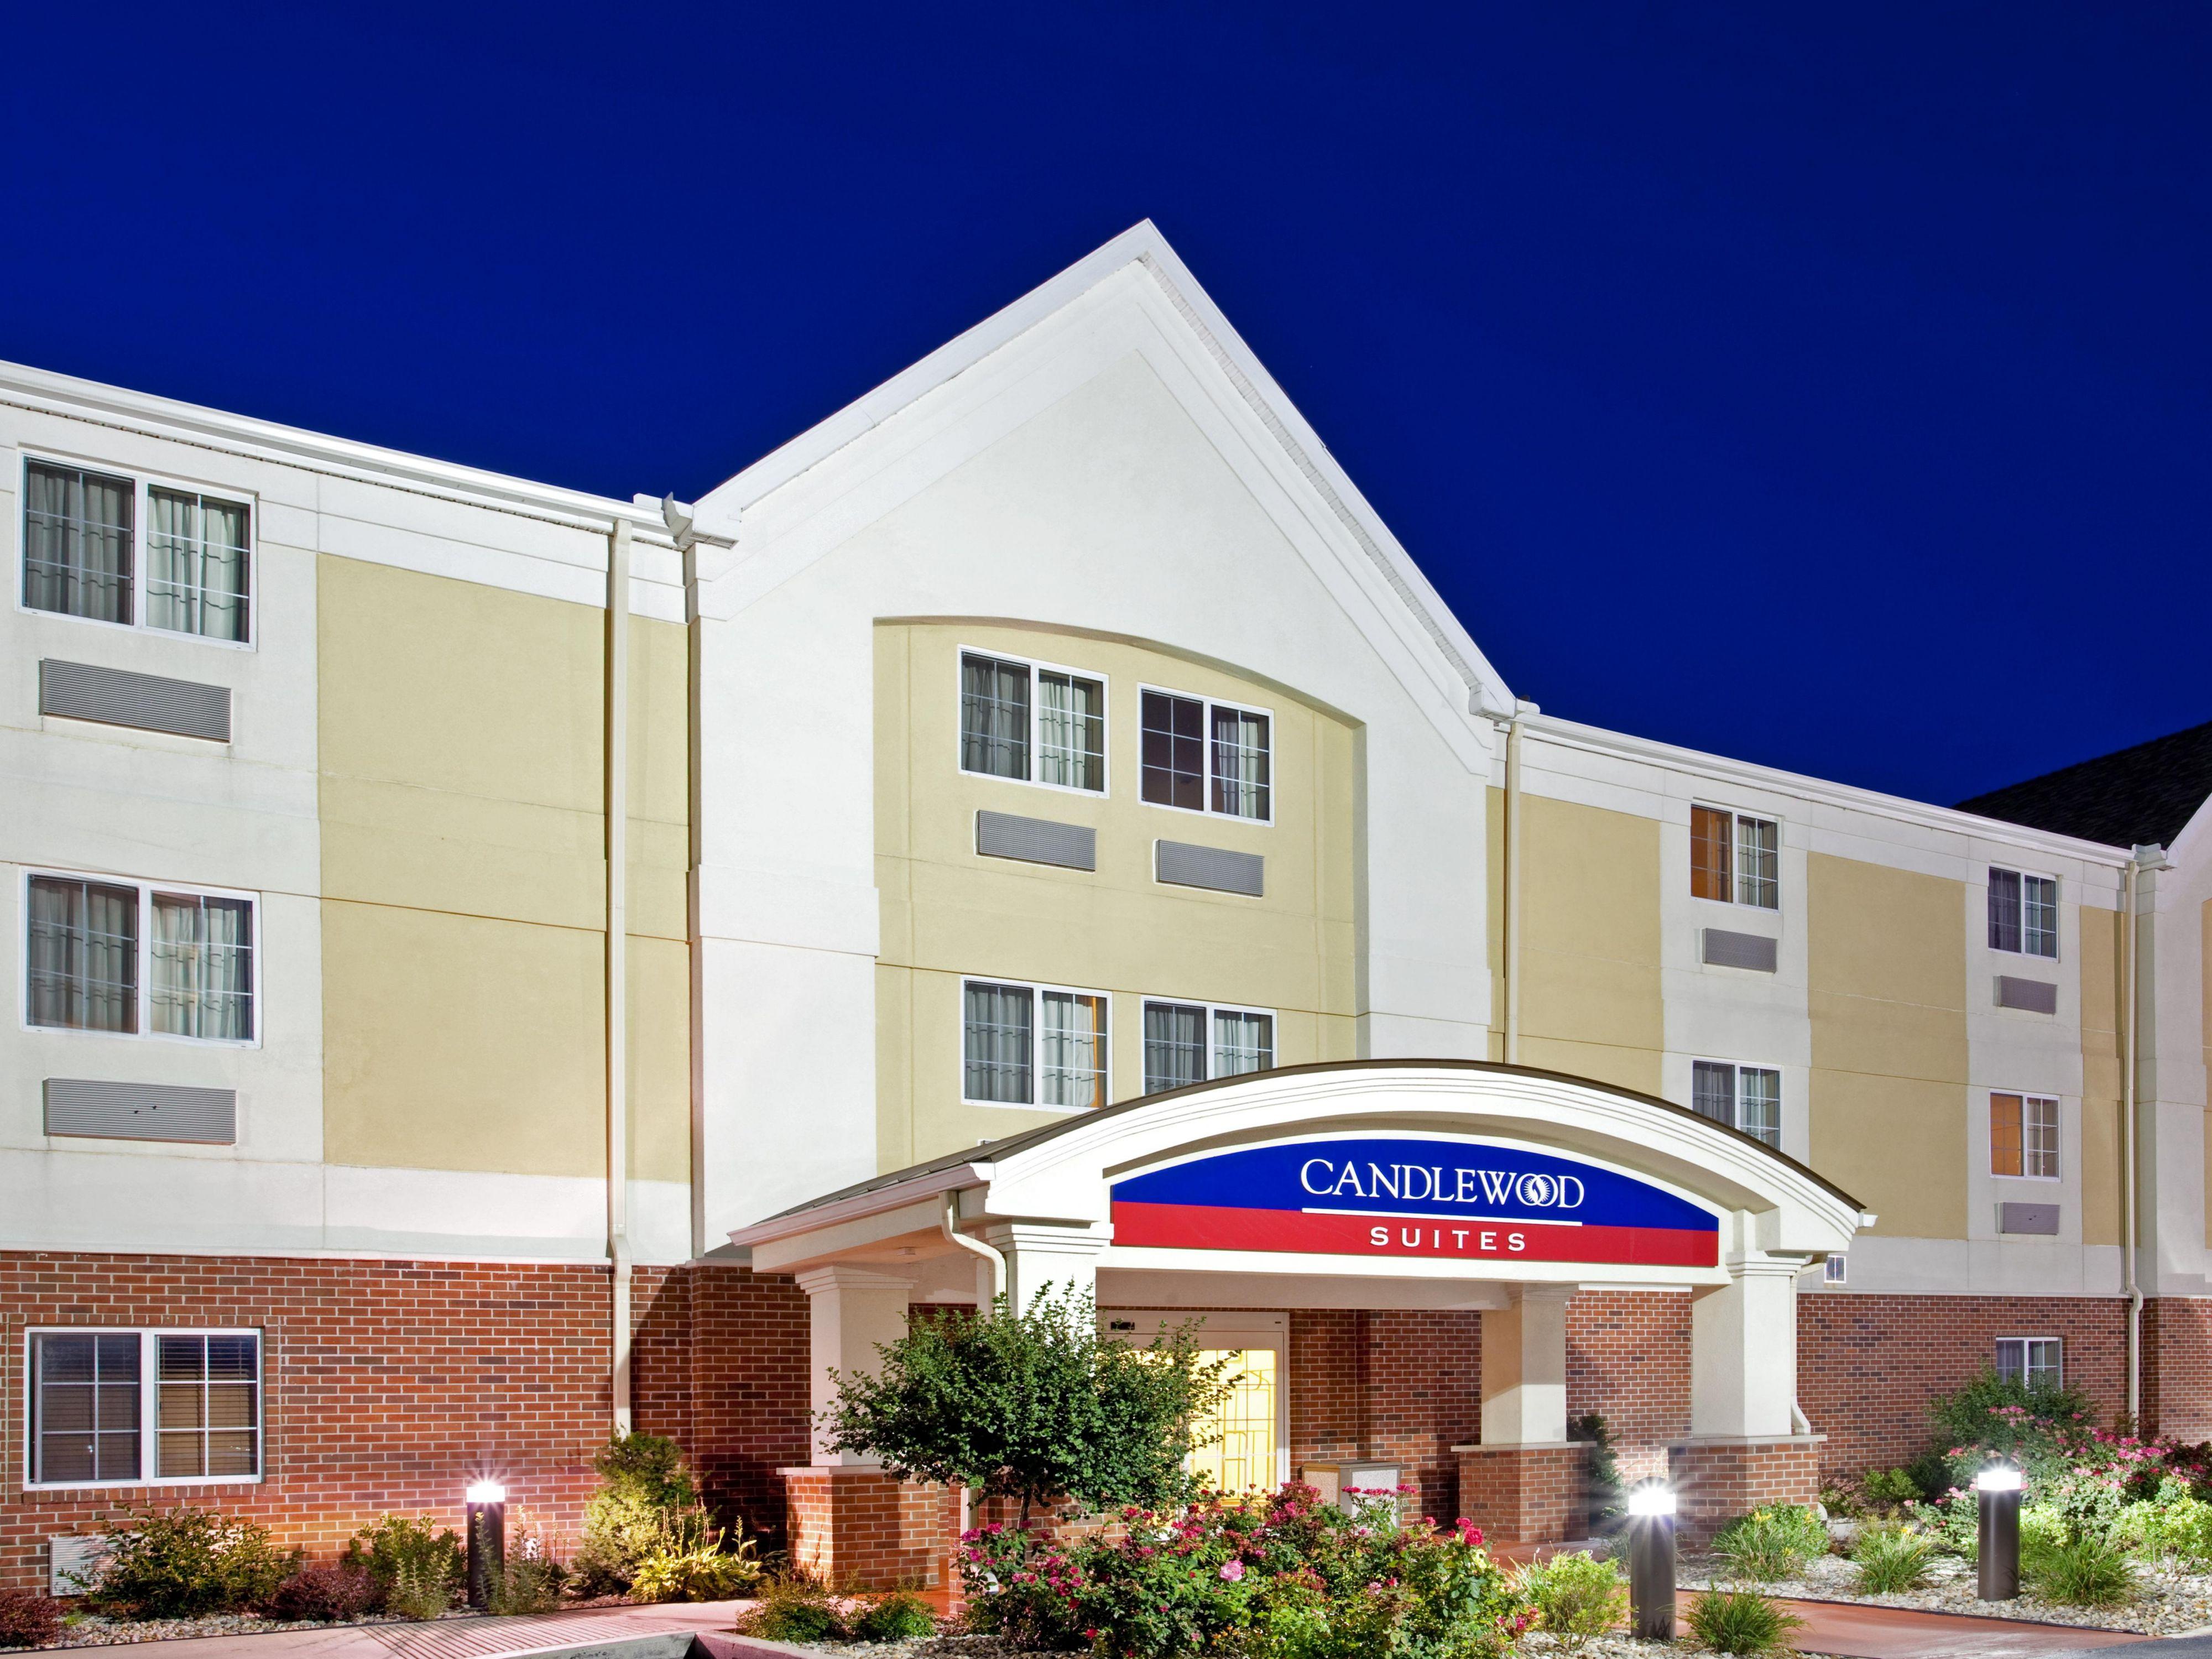 Hotels near southlake mall in merrillville for Hilton garden inn merrillville in